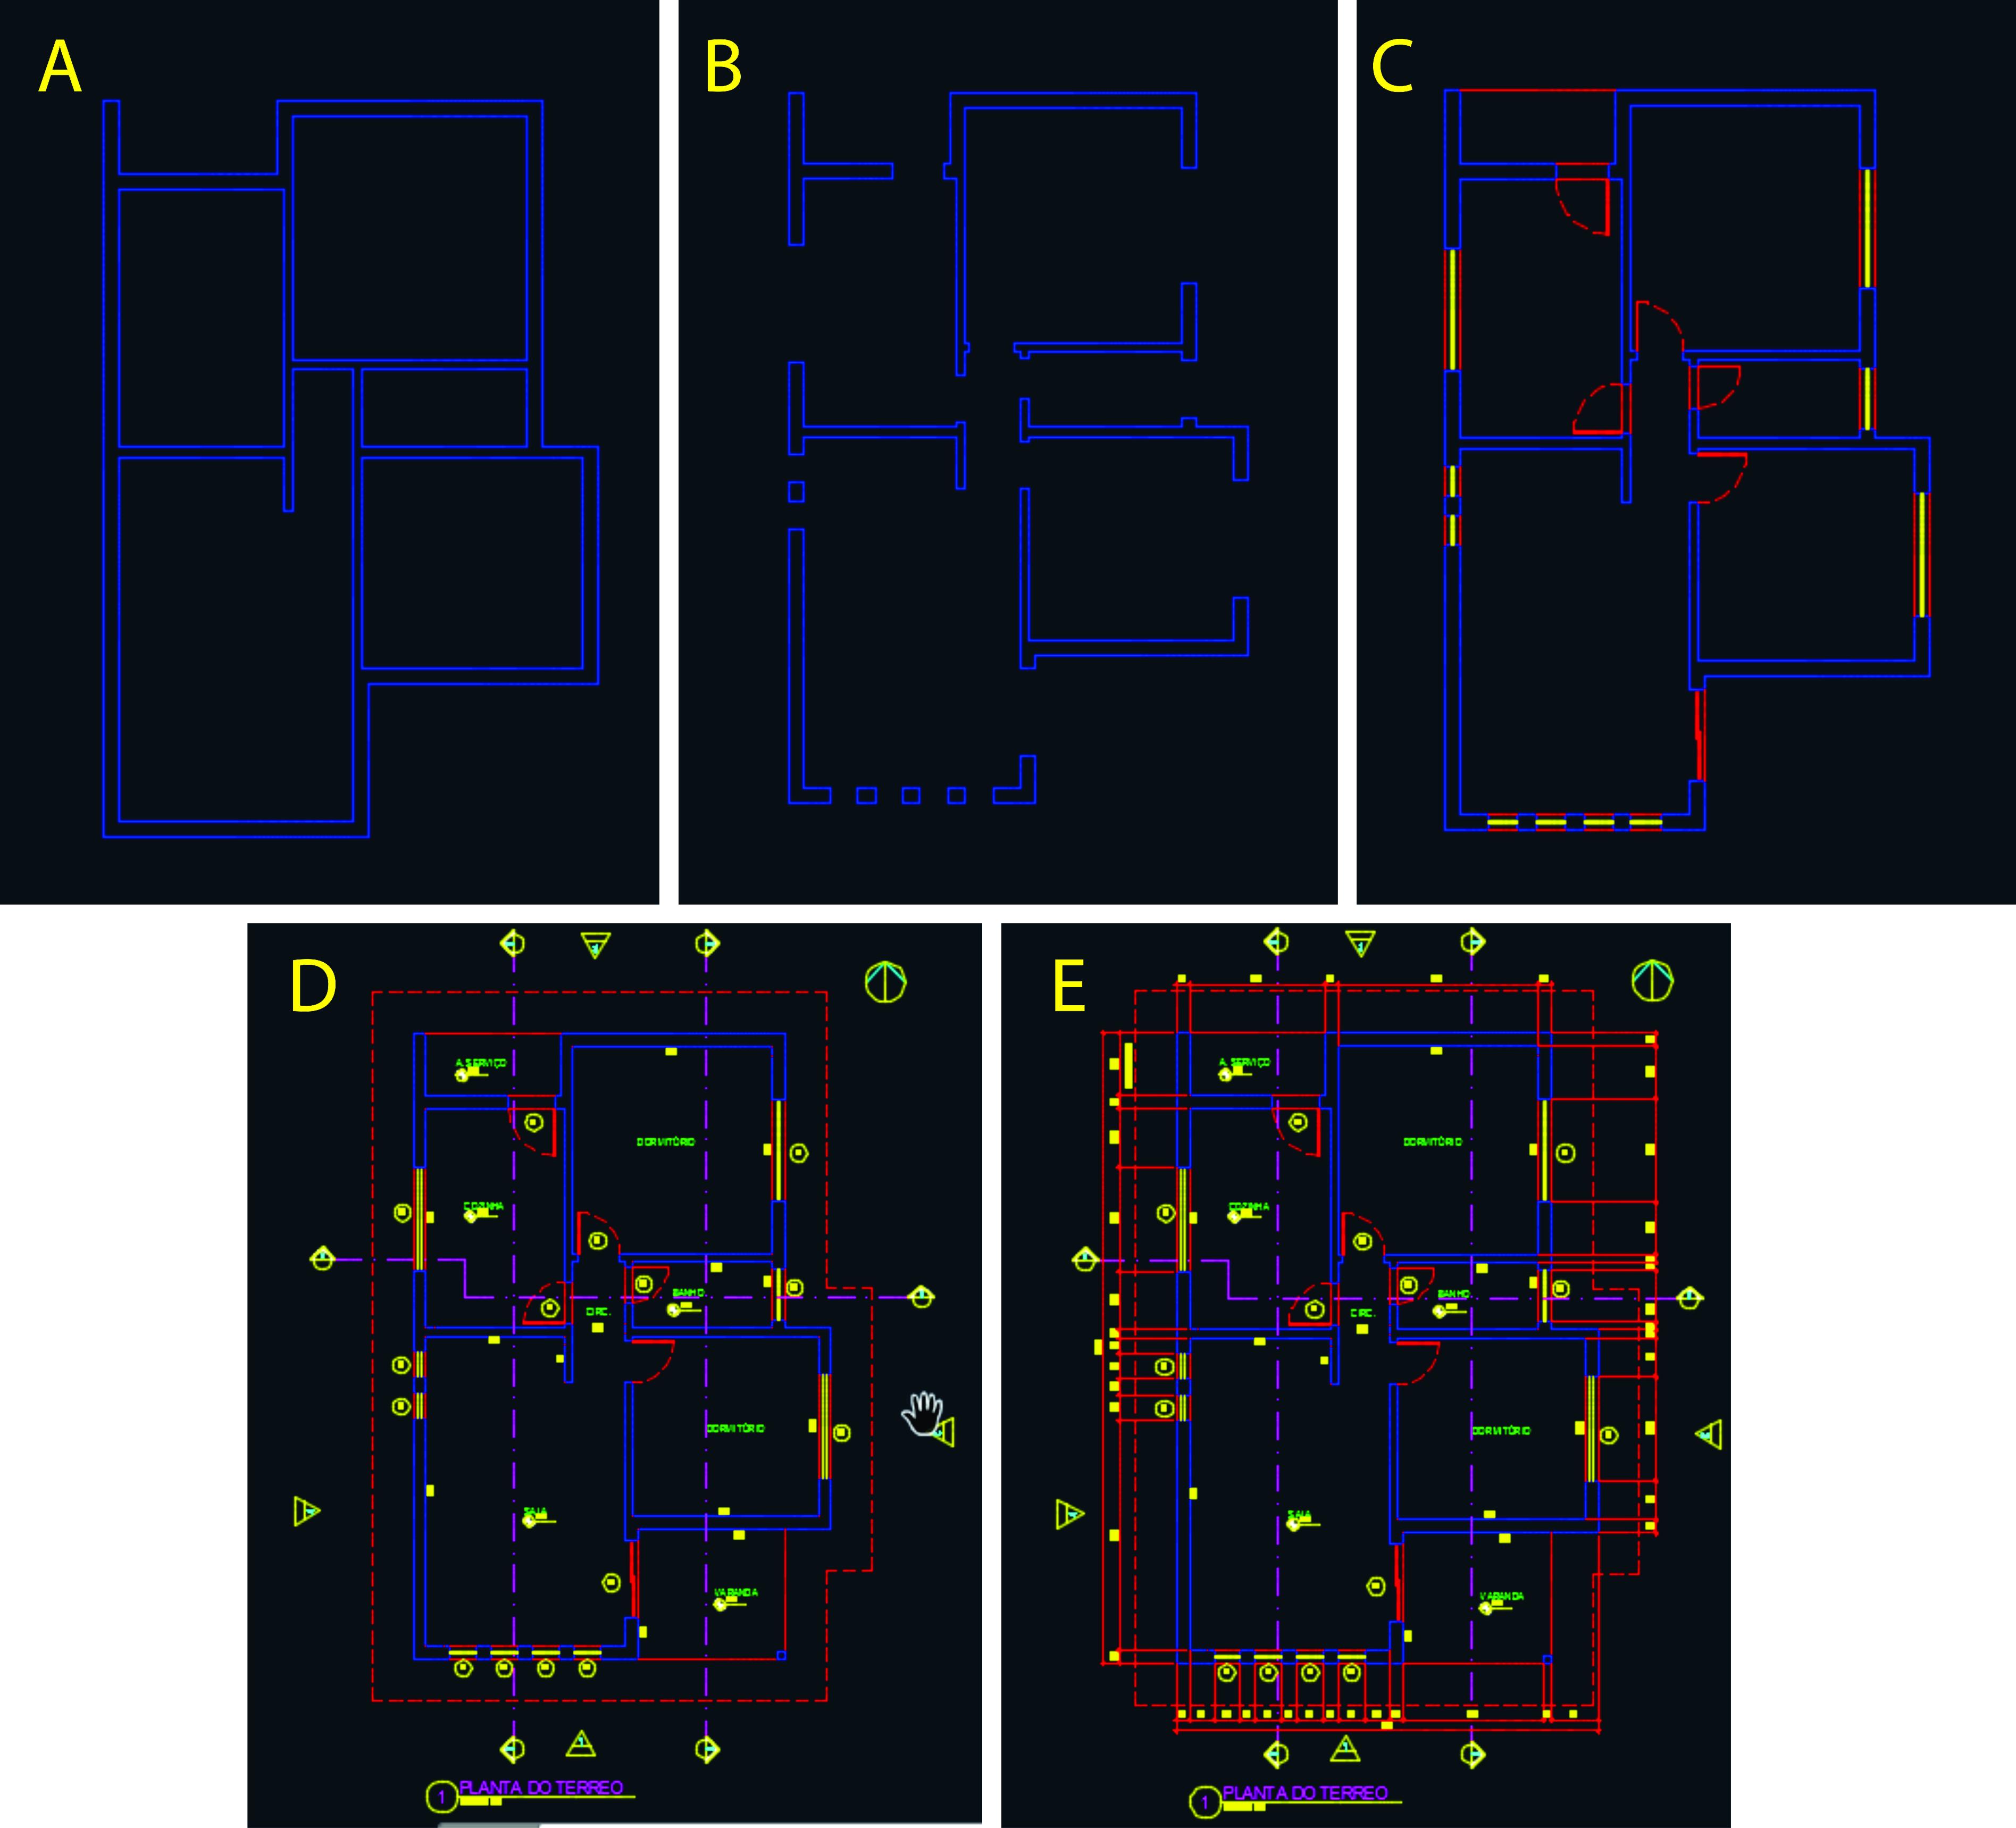 tons da arquitetura hierarquia desenho cad projeto arquitetônico #B0A81B 3791 3437